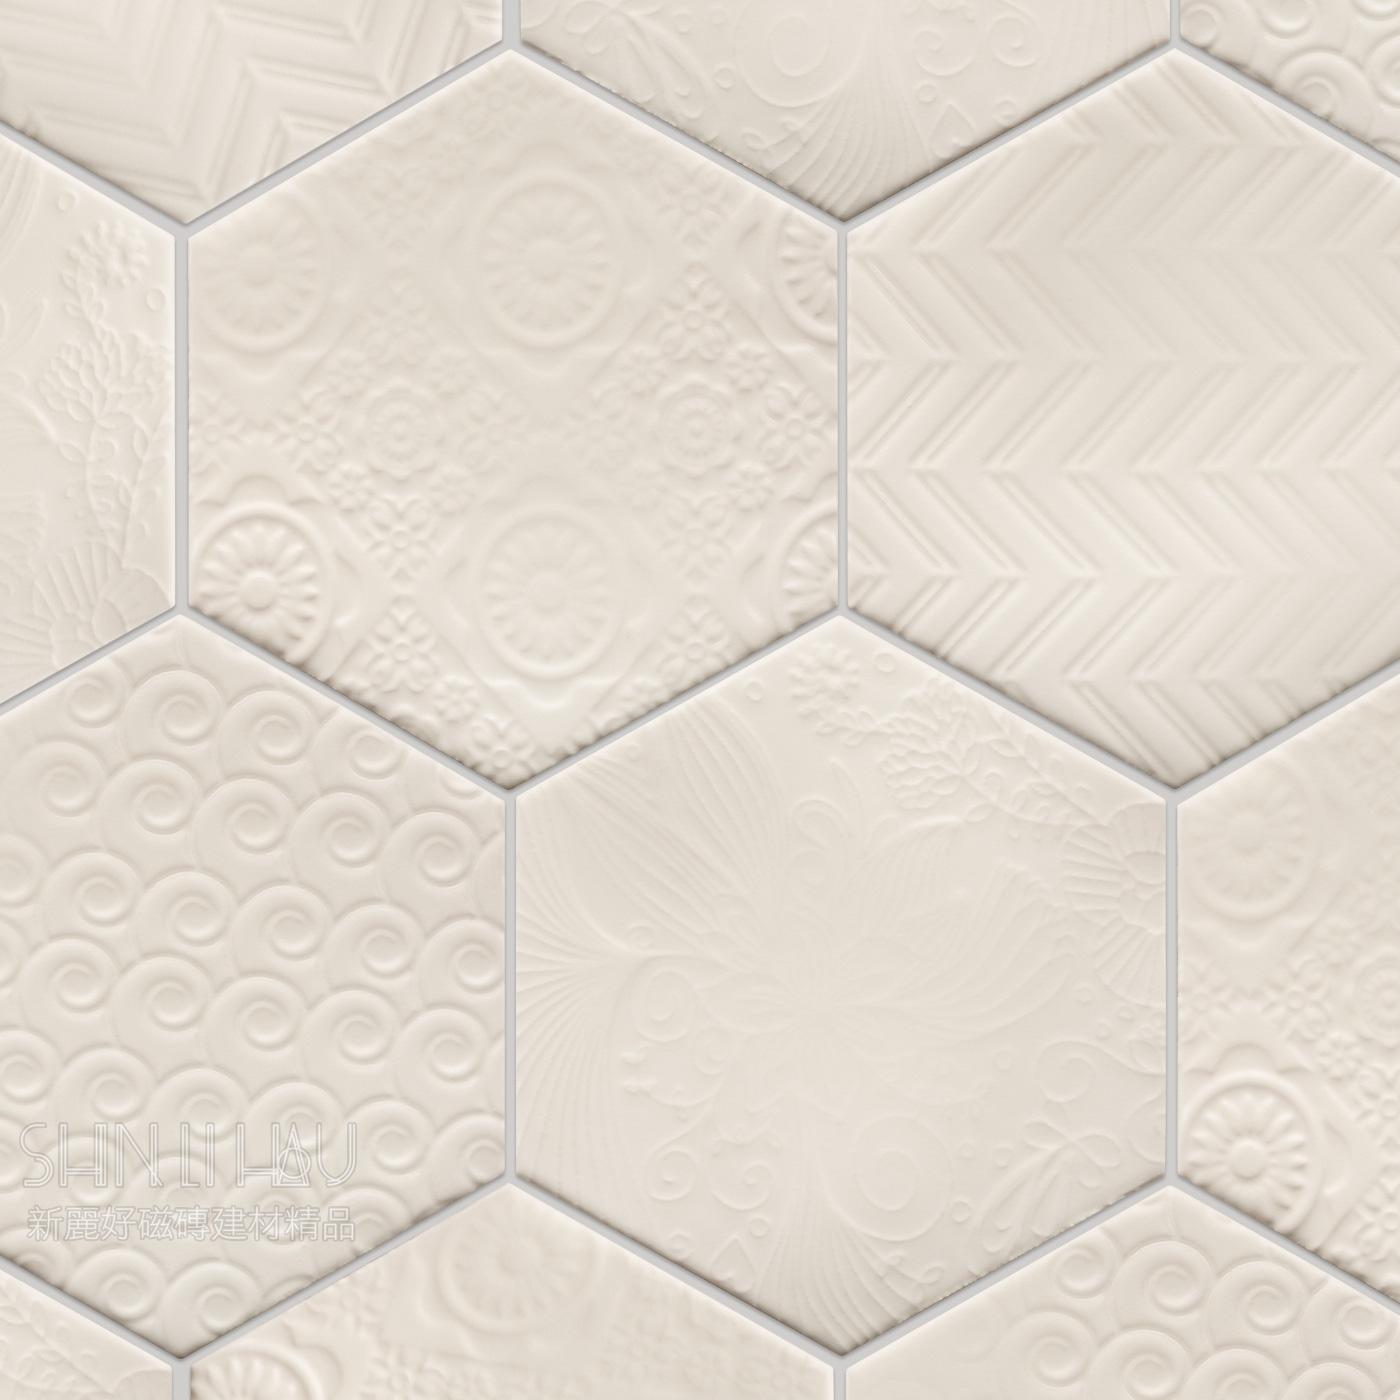 逸雅六角磚 - 白色